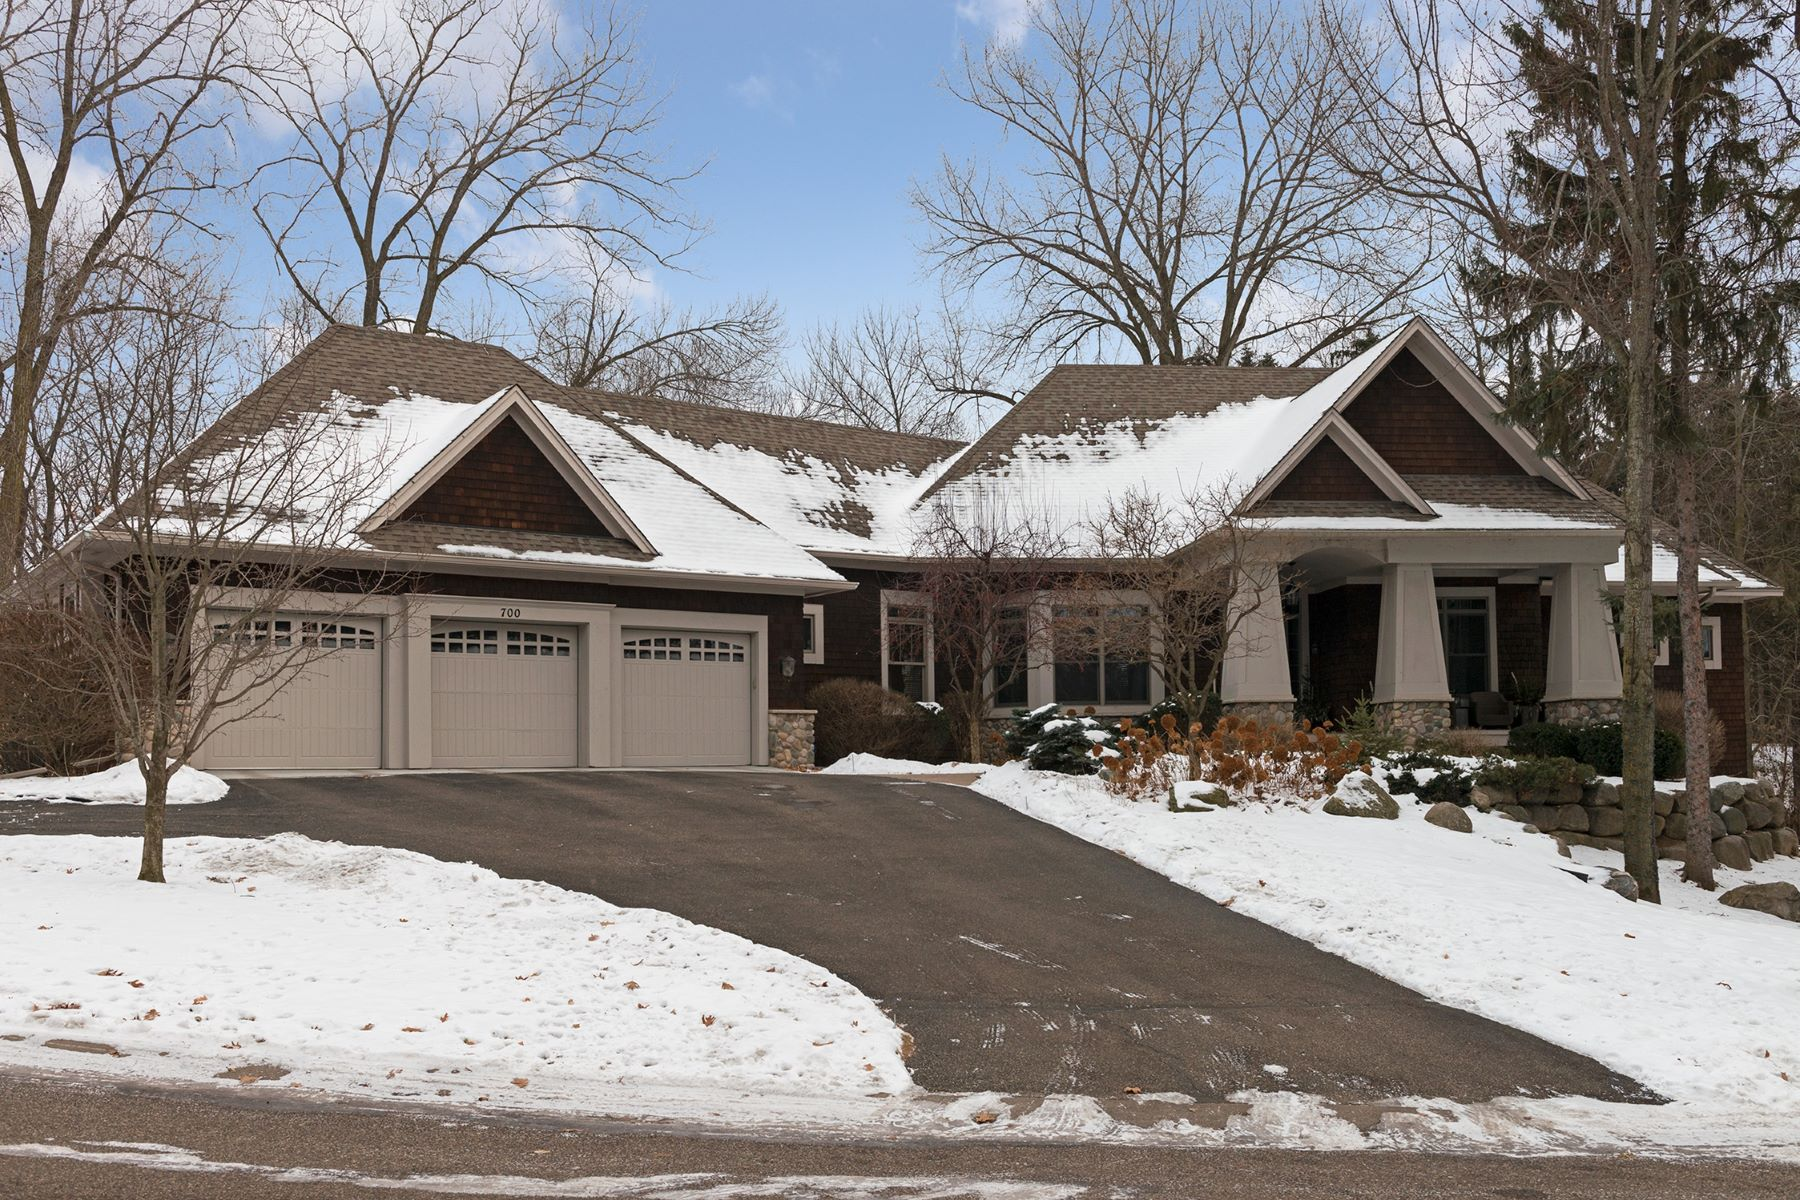 独户住宅 为 销售 在 700 Shadyview Lane N 普利茅斯, 明尼苏达州, 55447 美国